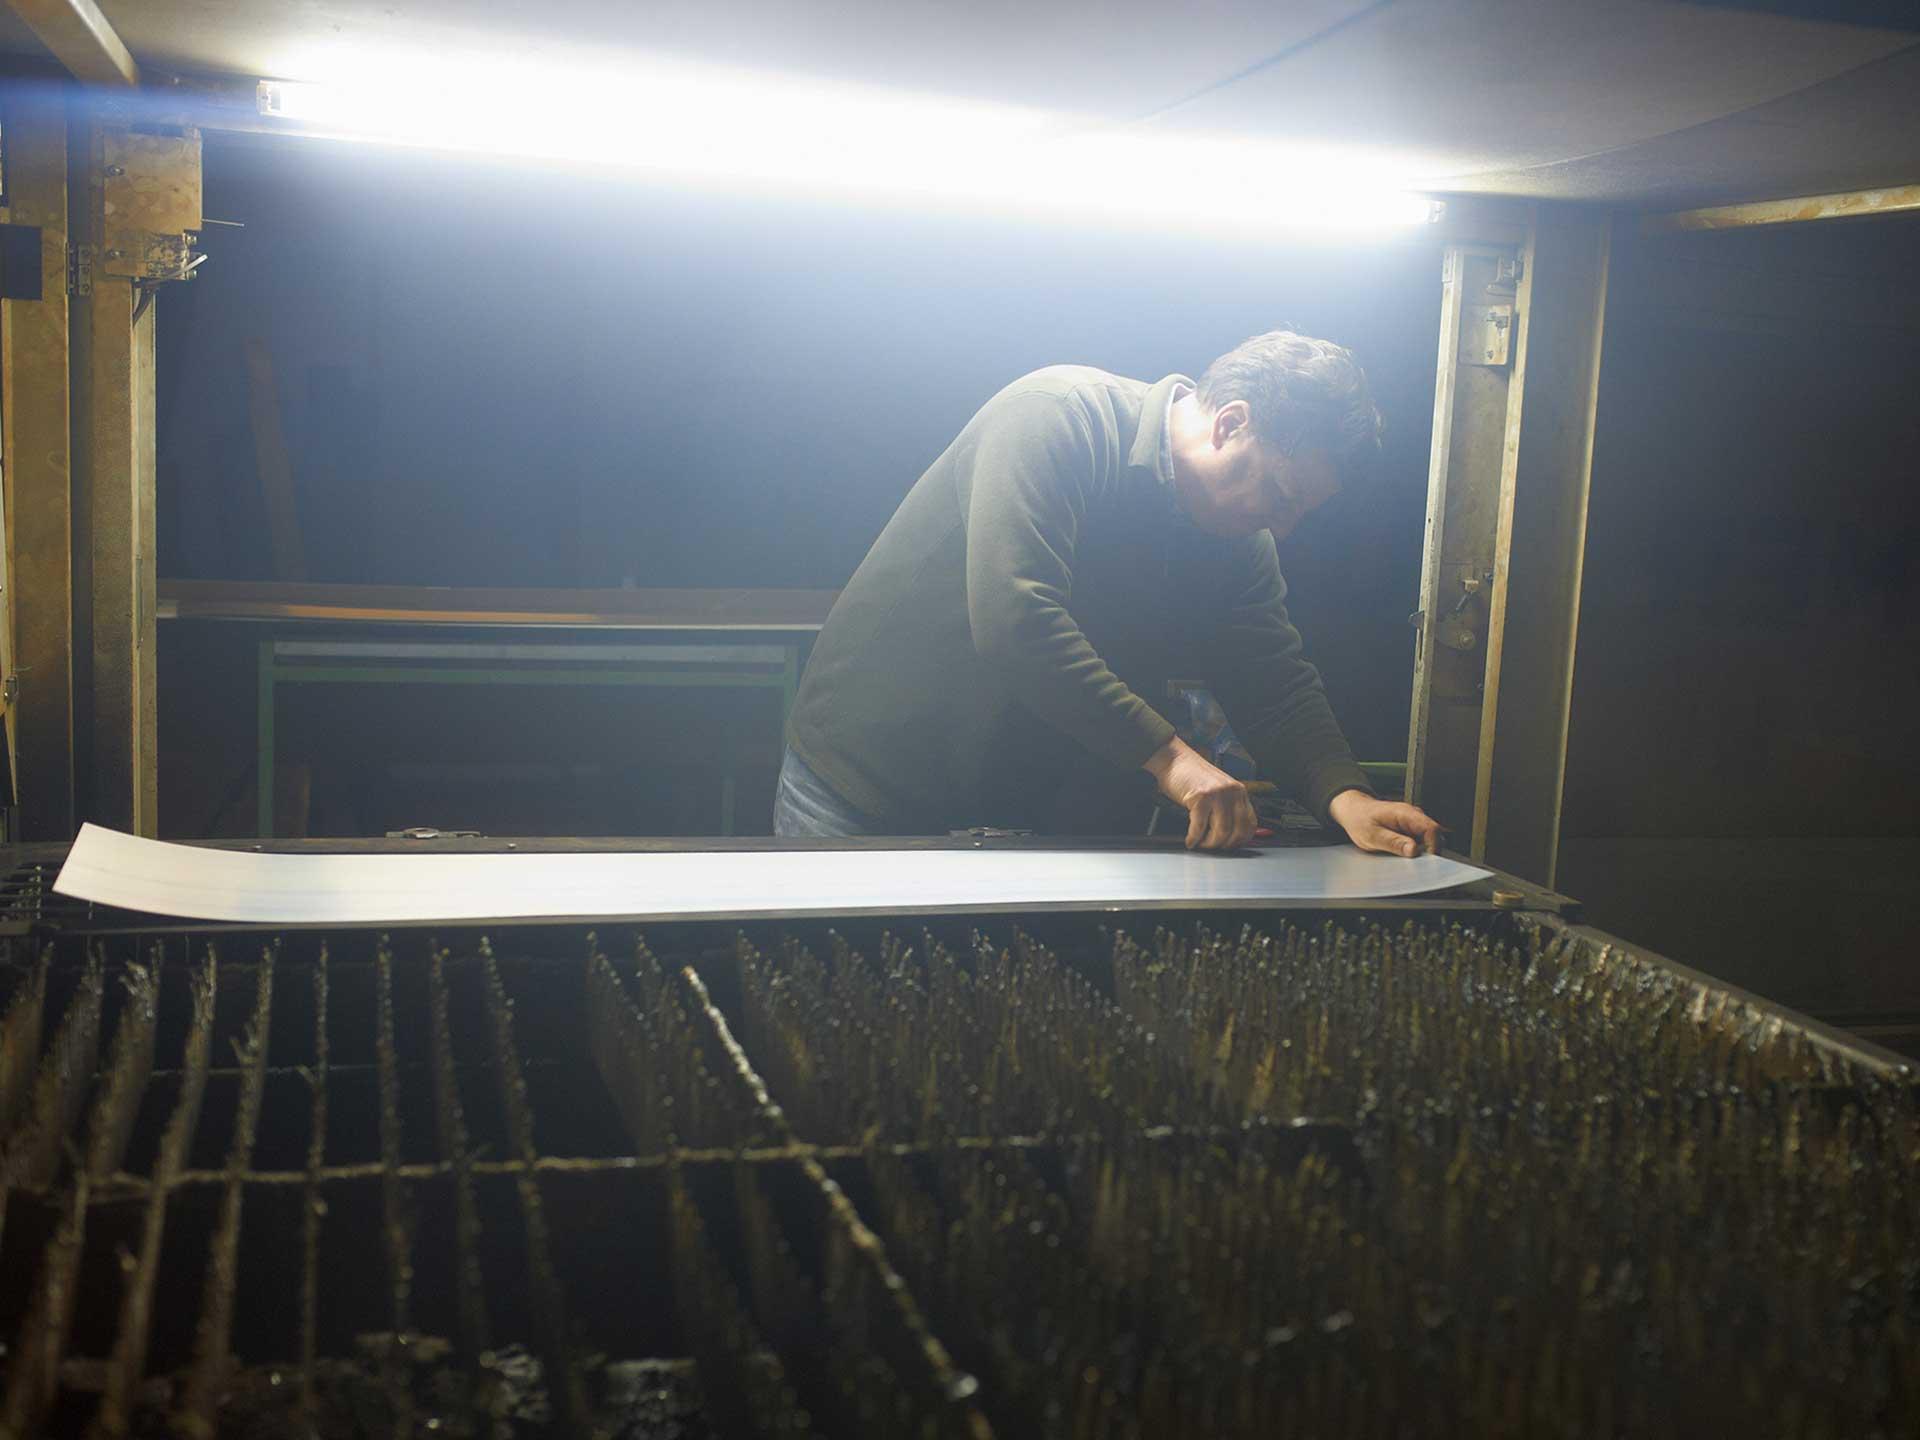 Schlossermeister Teappan bei der Arbeit mit der Laserschneidemaschine